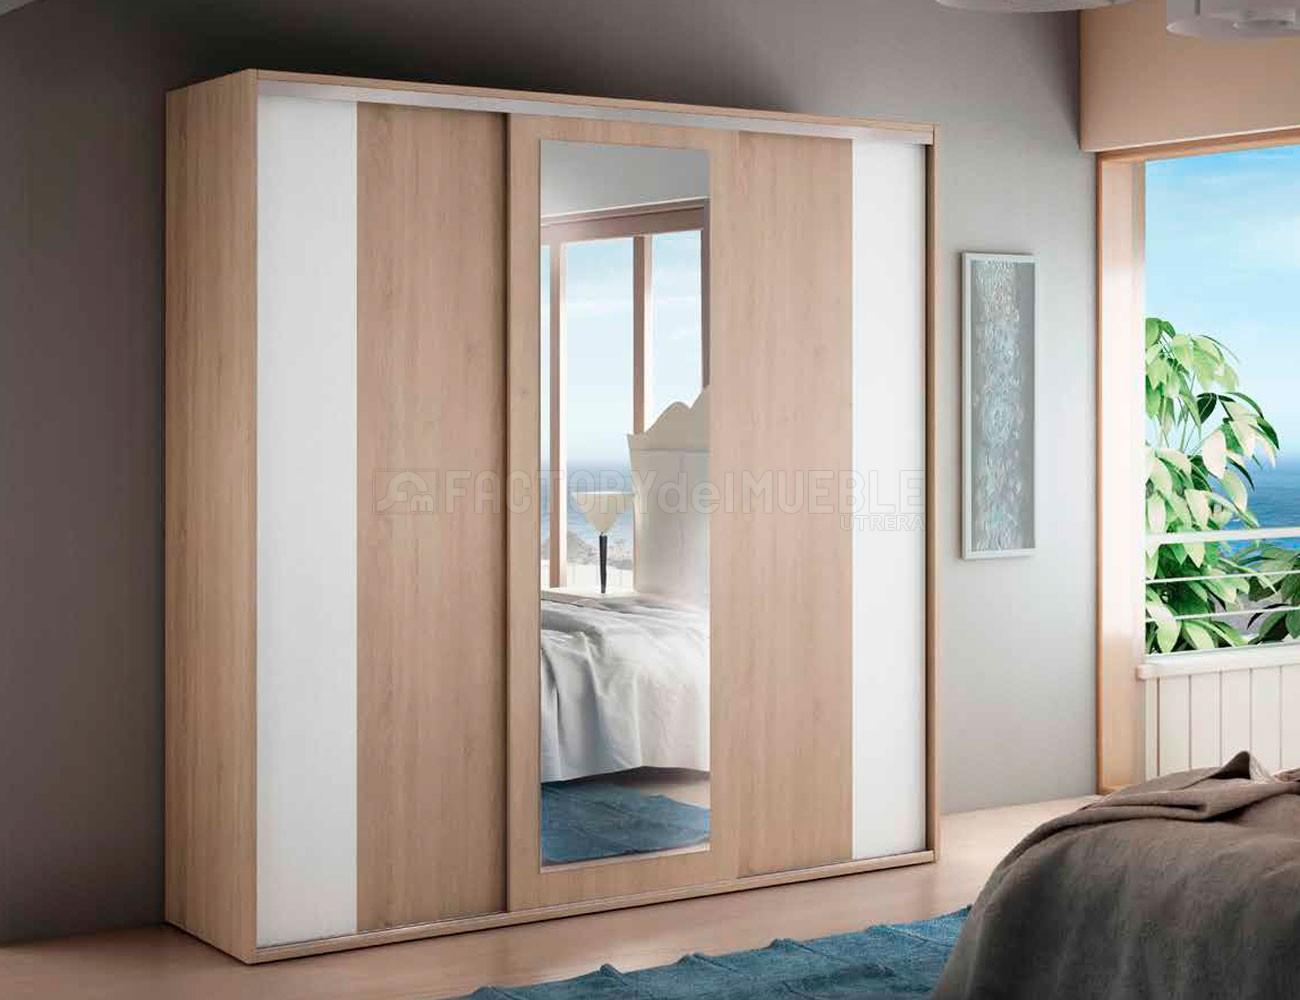 Armario tres puertas correderas de 235 cm ancho y luna - Armarios tres puertas ...